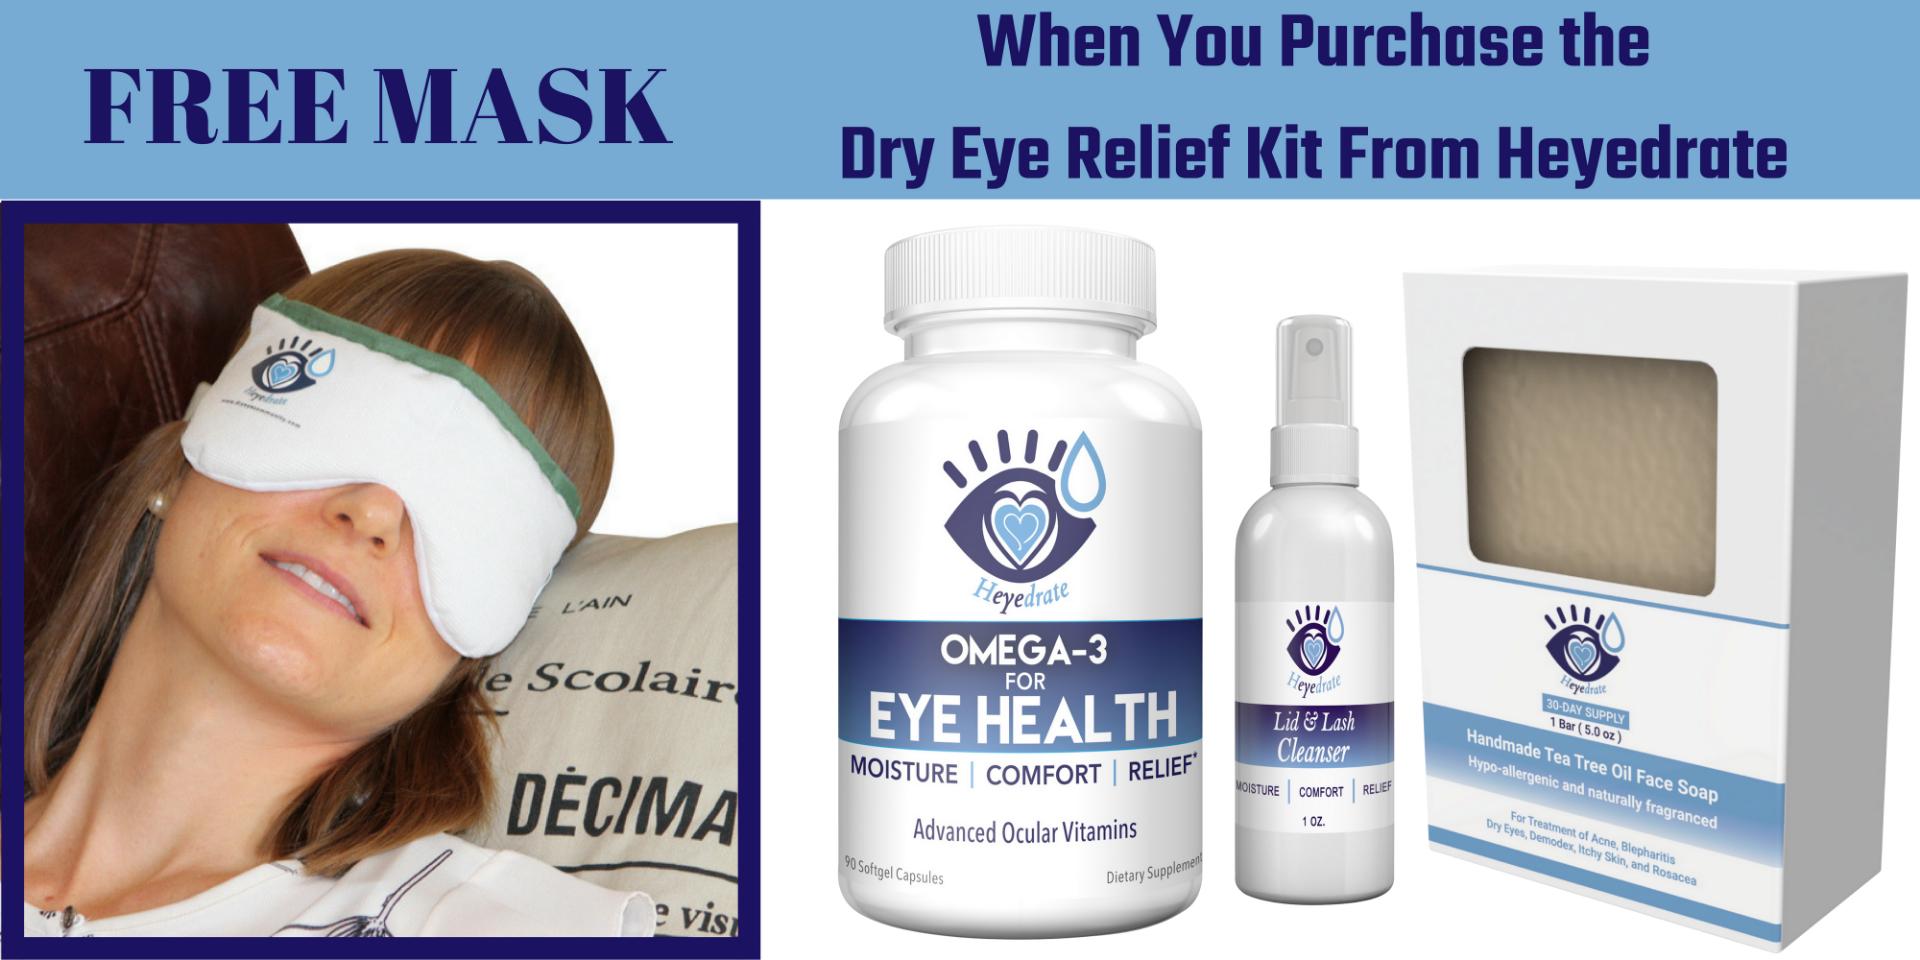 Heyedrate Dry Eye Relief Kit